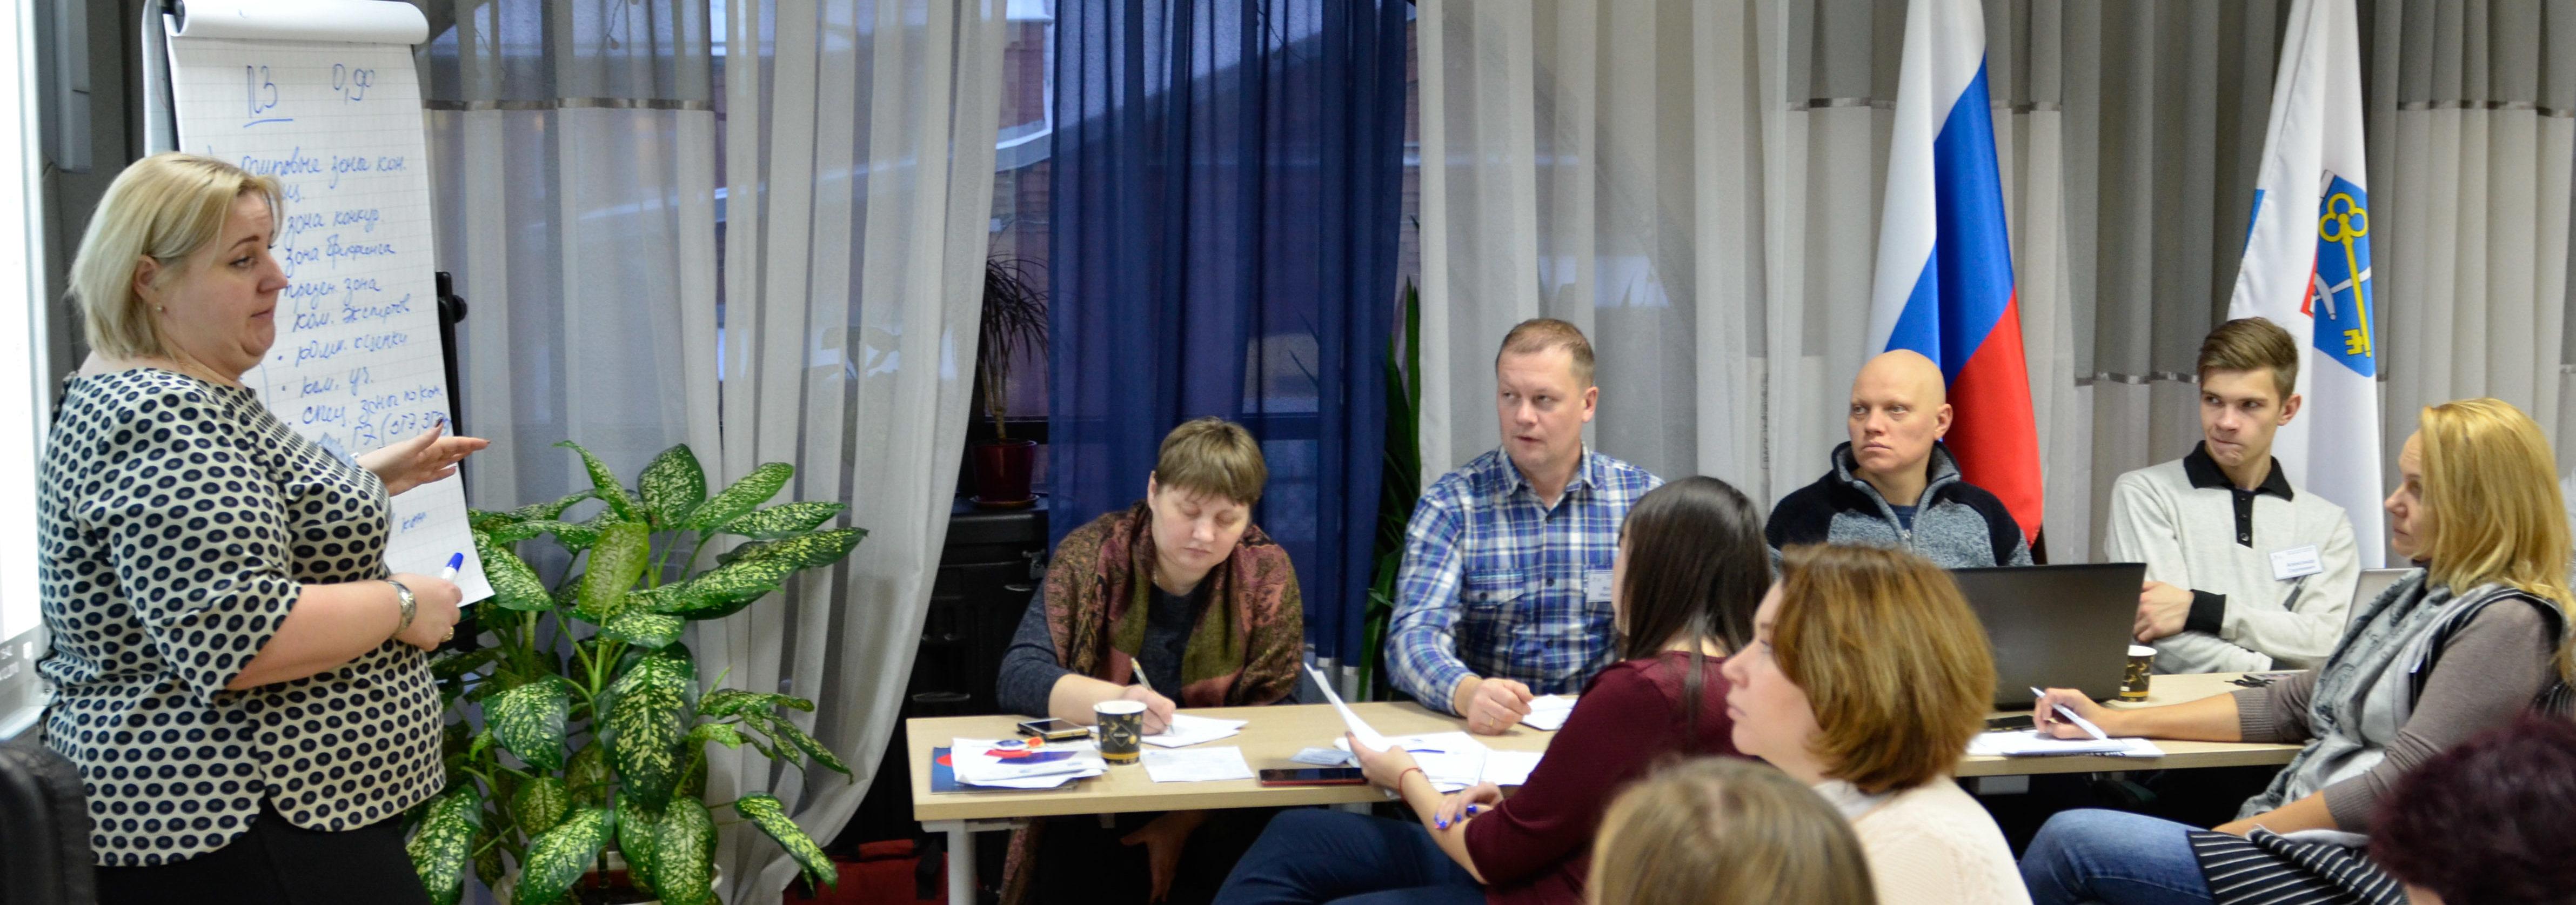 Тренинг для экспертов WorldSkills Russia в Ленинградской области